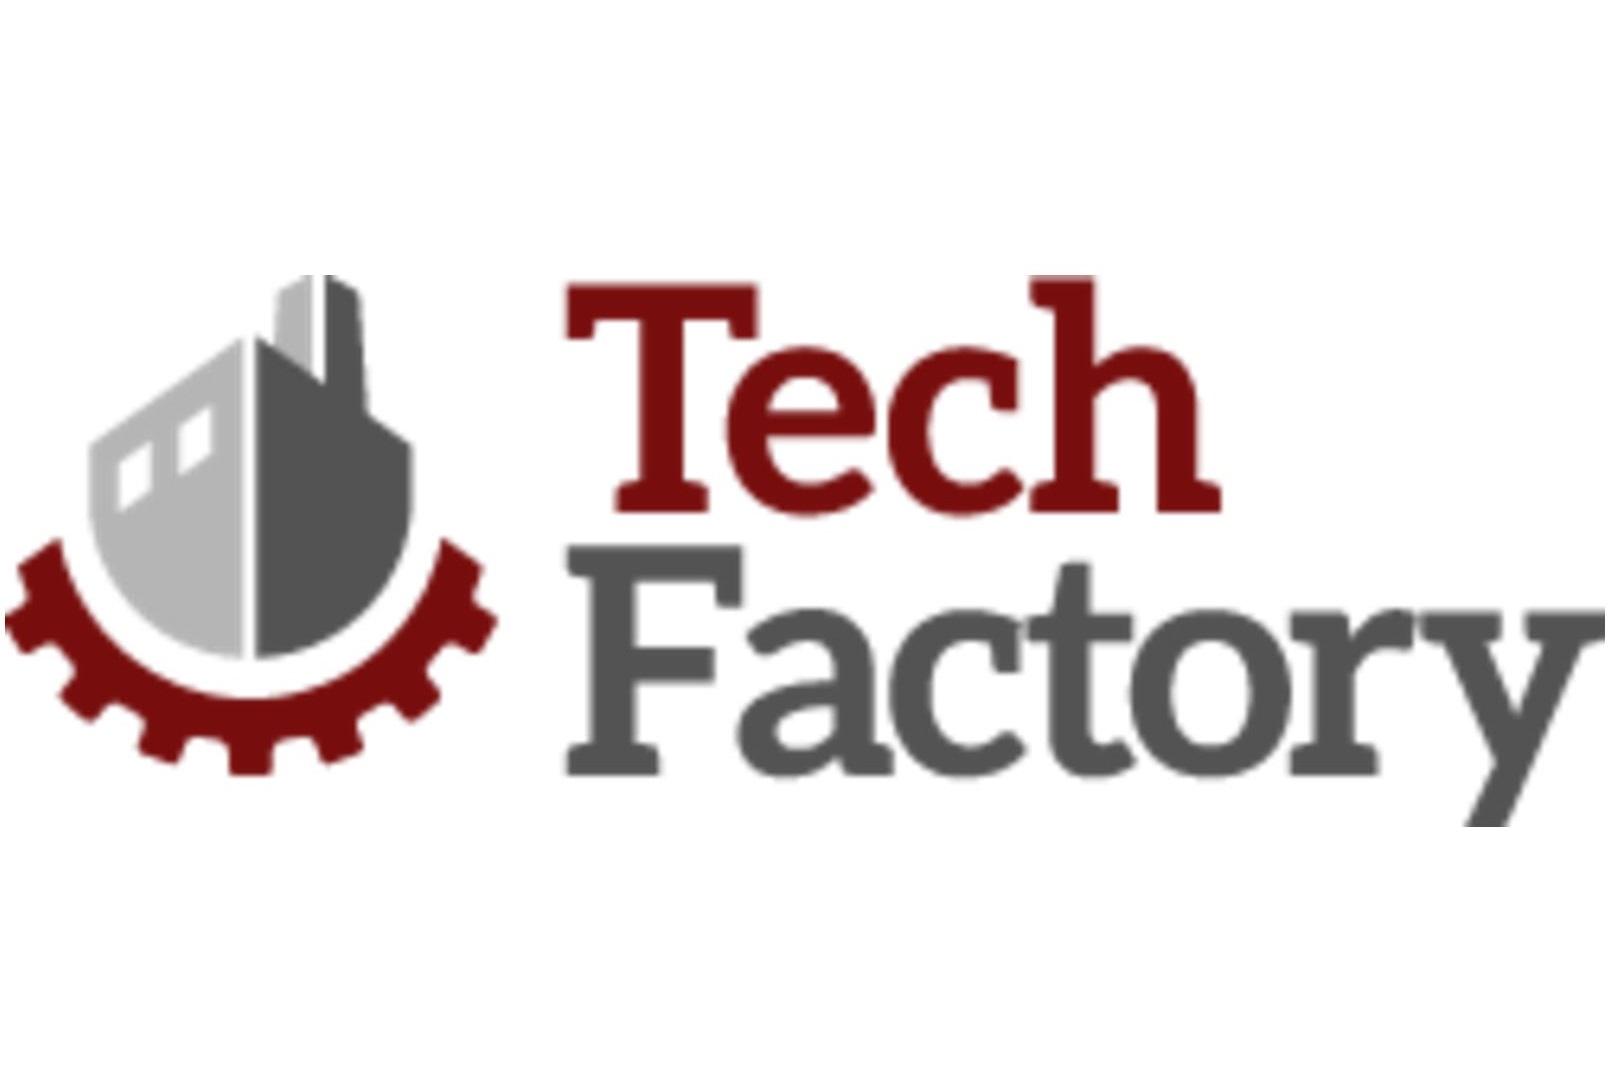 「Tech Factory」で連載中の弊社コンサルタント執筆記事第7回が掲載されました